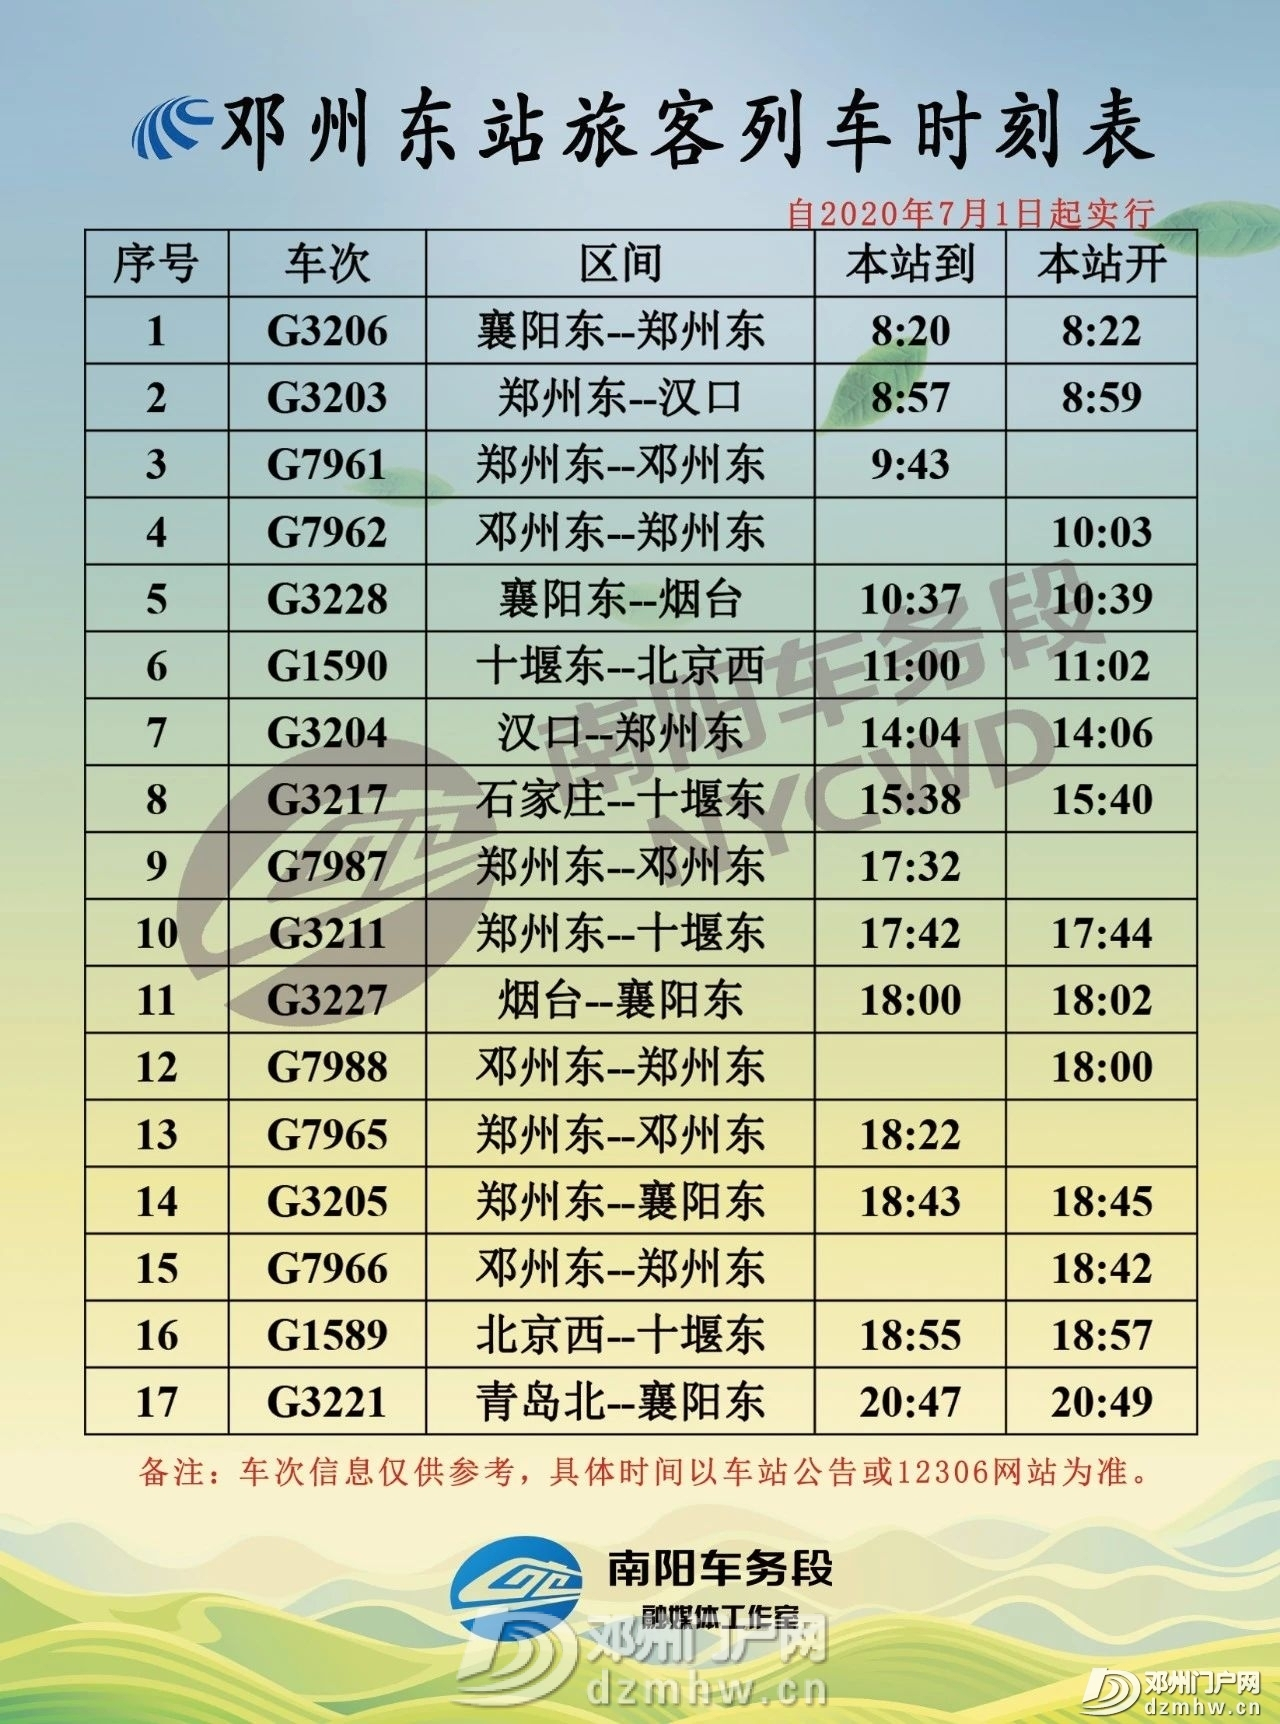 7月1日起,邓州火车站、高铁站最全最新时刻表! - 邓州门户网 邓州网 - dbf74f912513ae8b276a9bf0737592f3.jpg